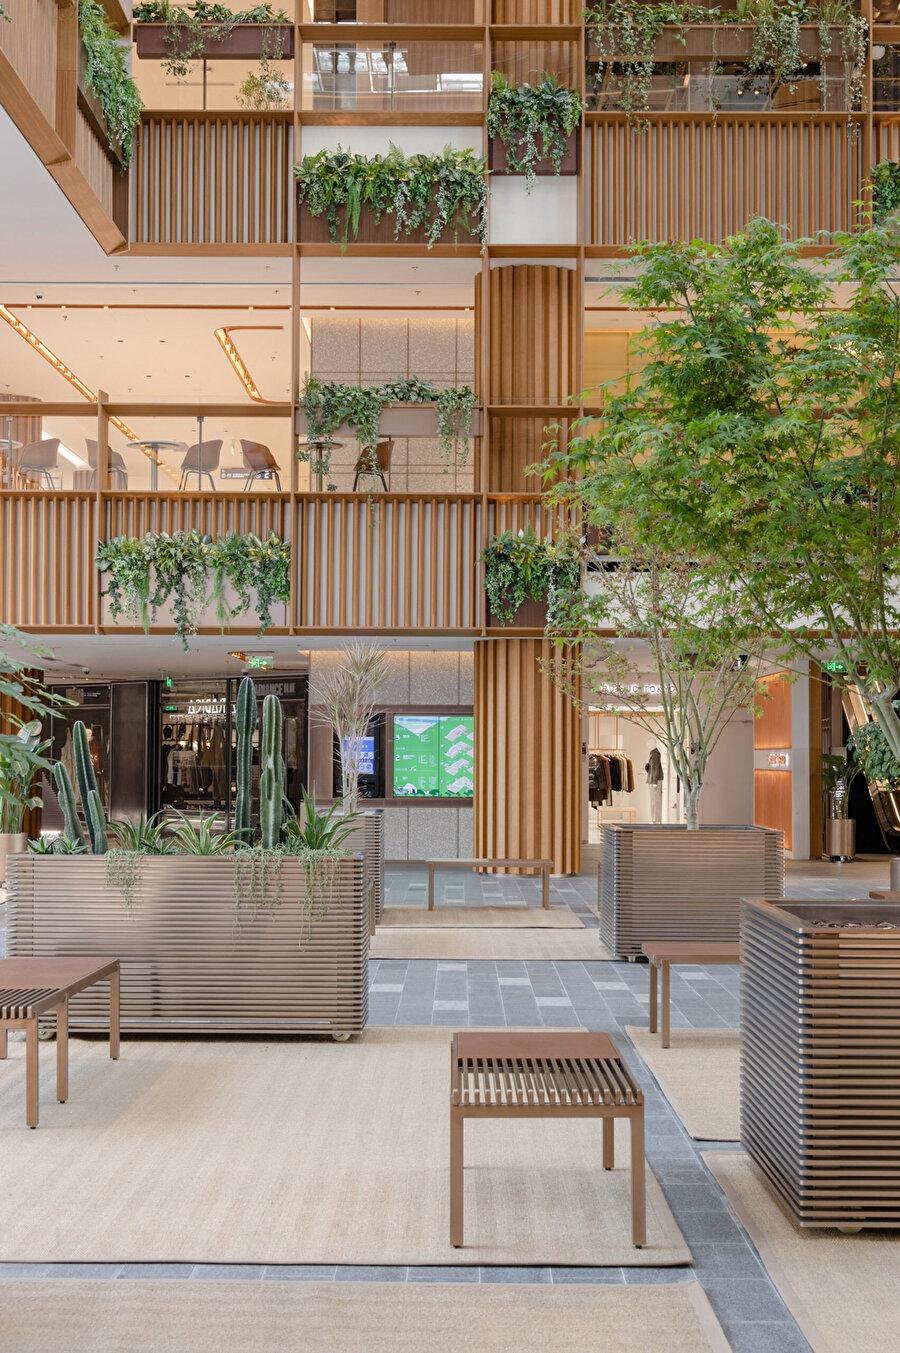 Zemin katta bulunan bitkiler, rahat hareket ettirilebilmesi için tekerlekli saksılara dikiliyor.